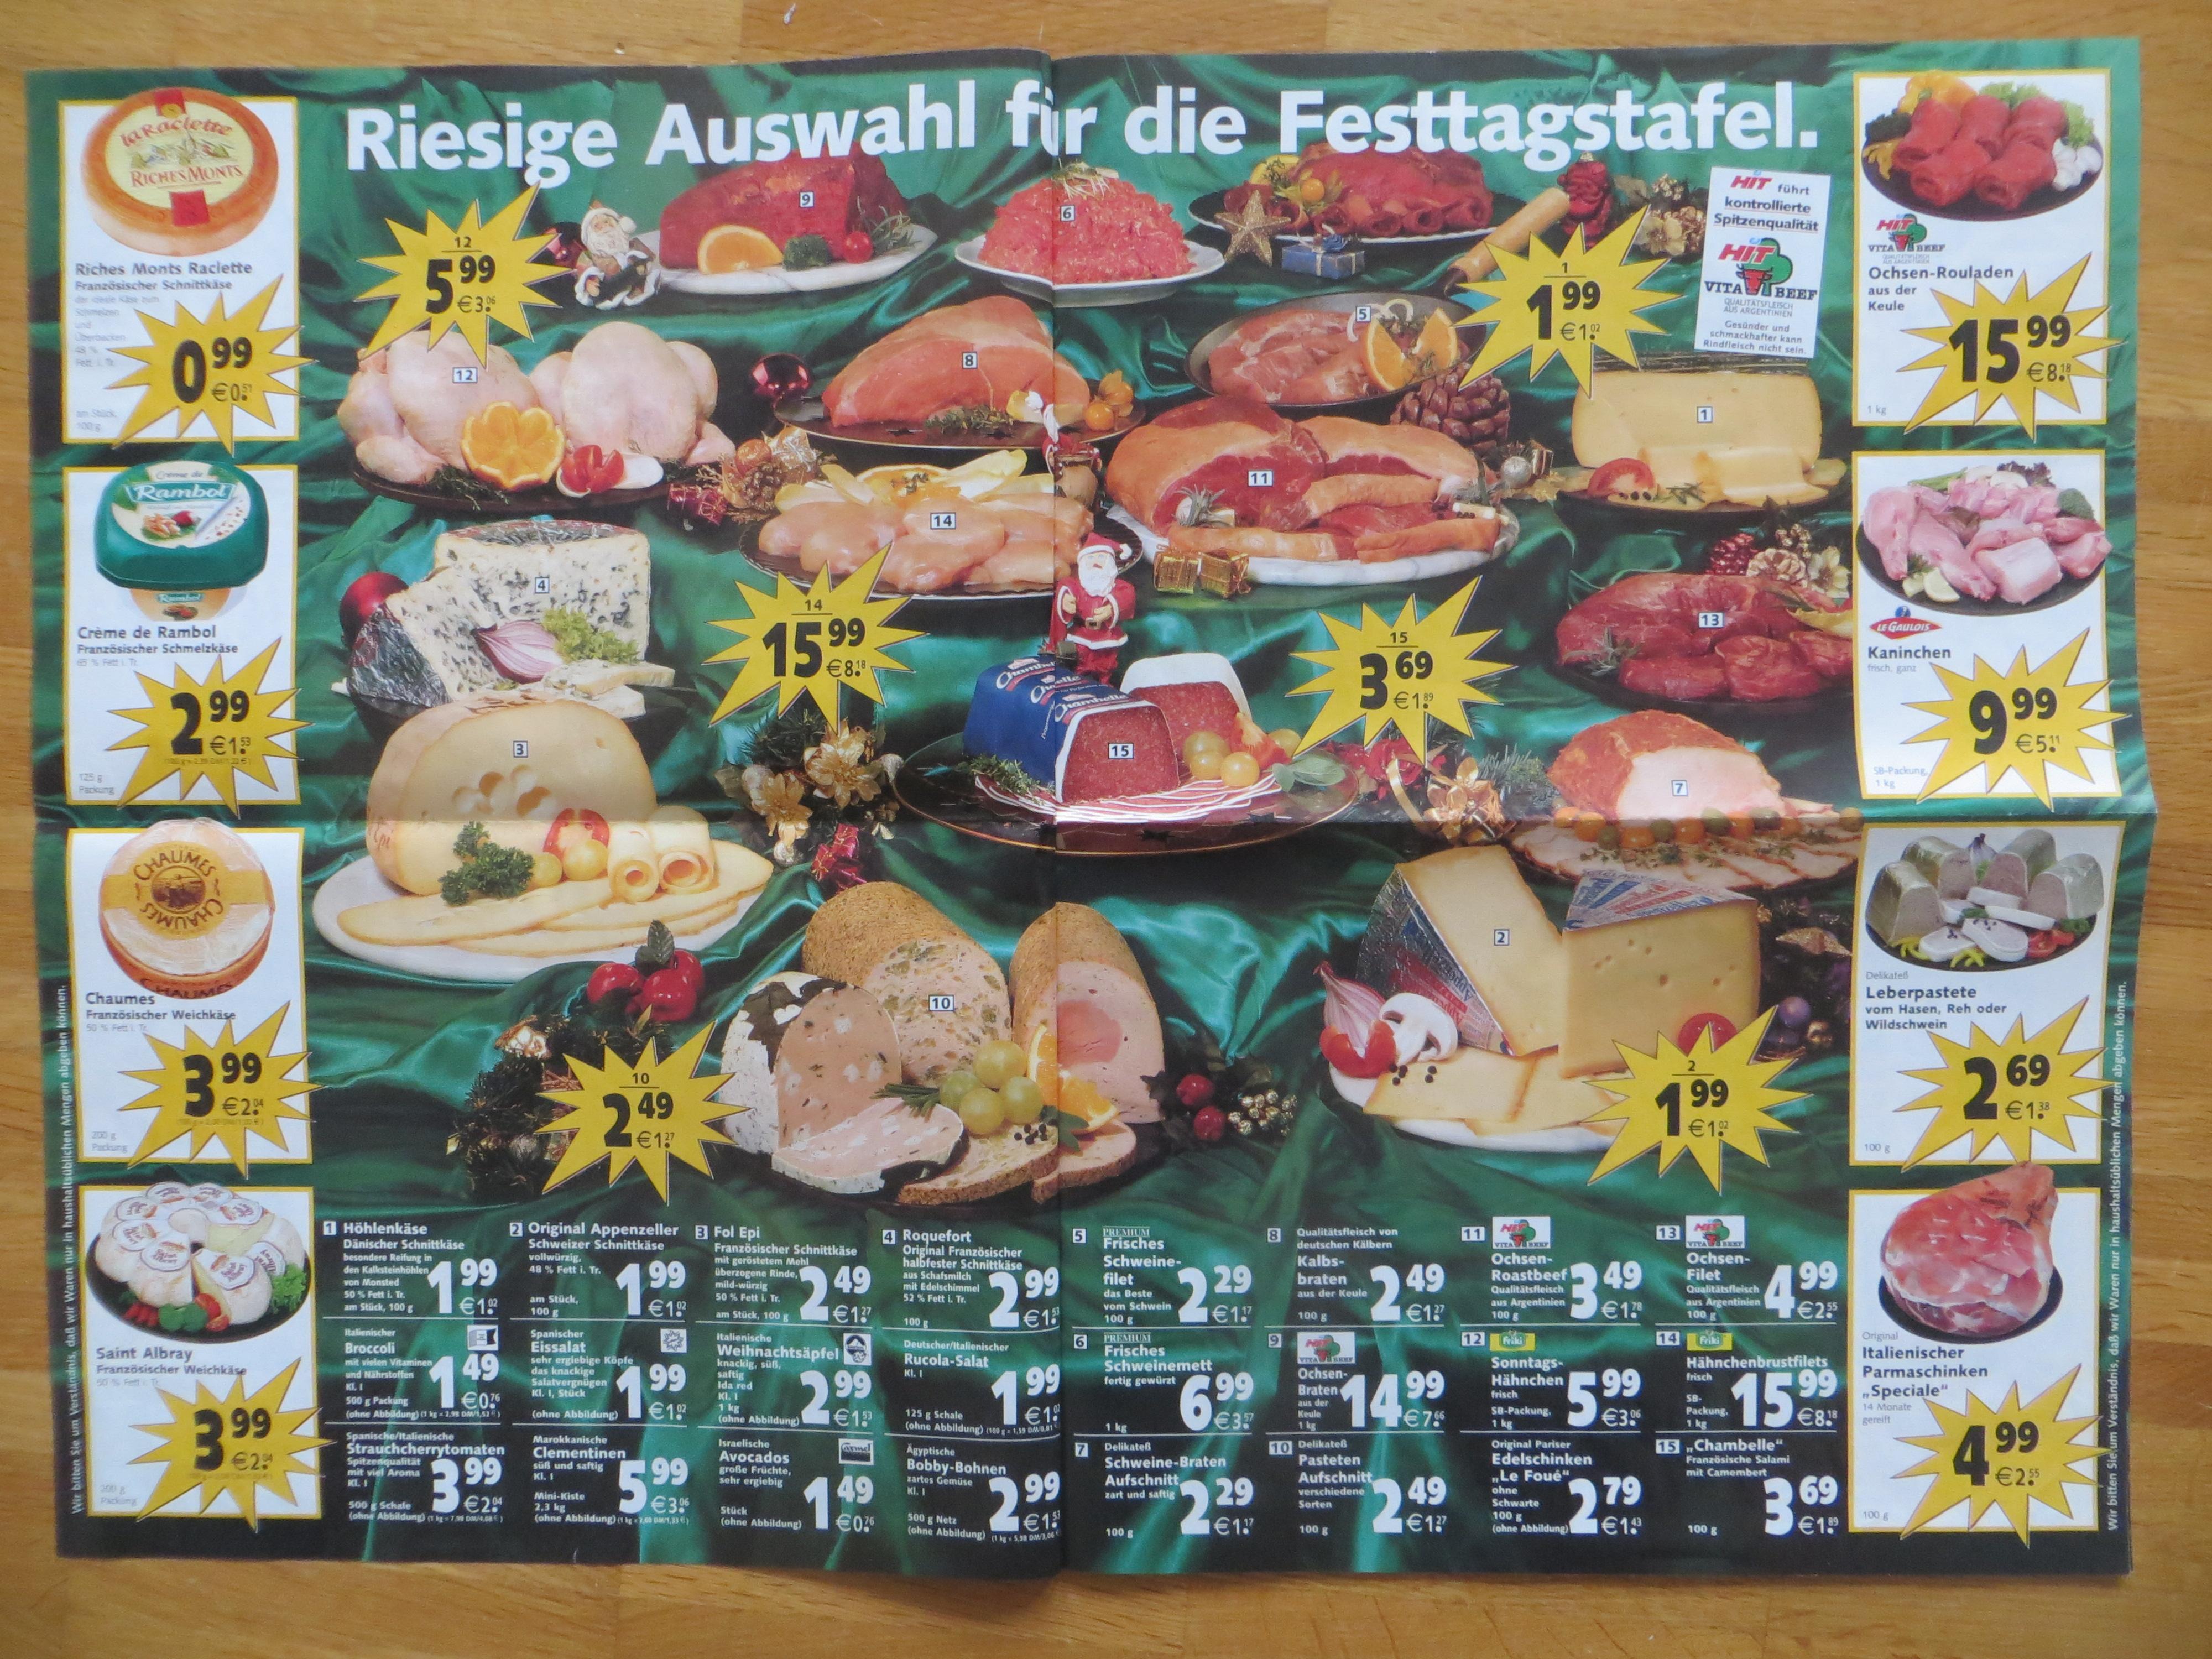 27_Hit hat's_2000_12_18_KW51_p2-3_Fleisch_Werbung_Supermarkt_Frischfleisch